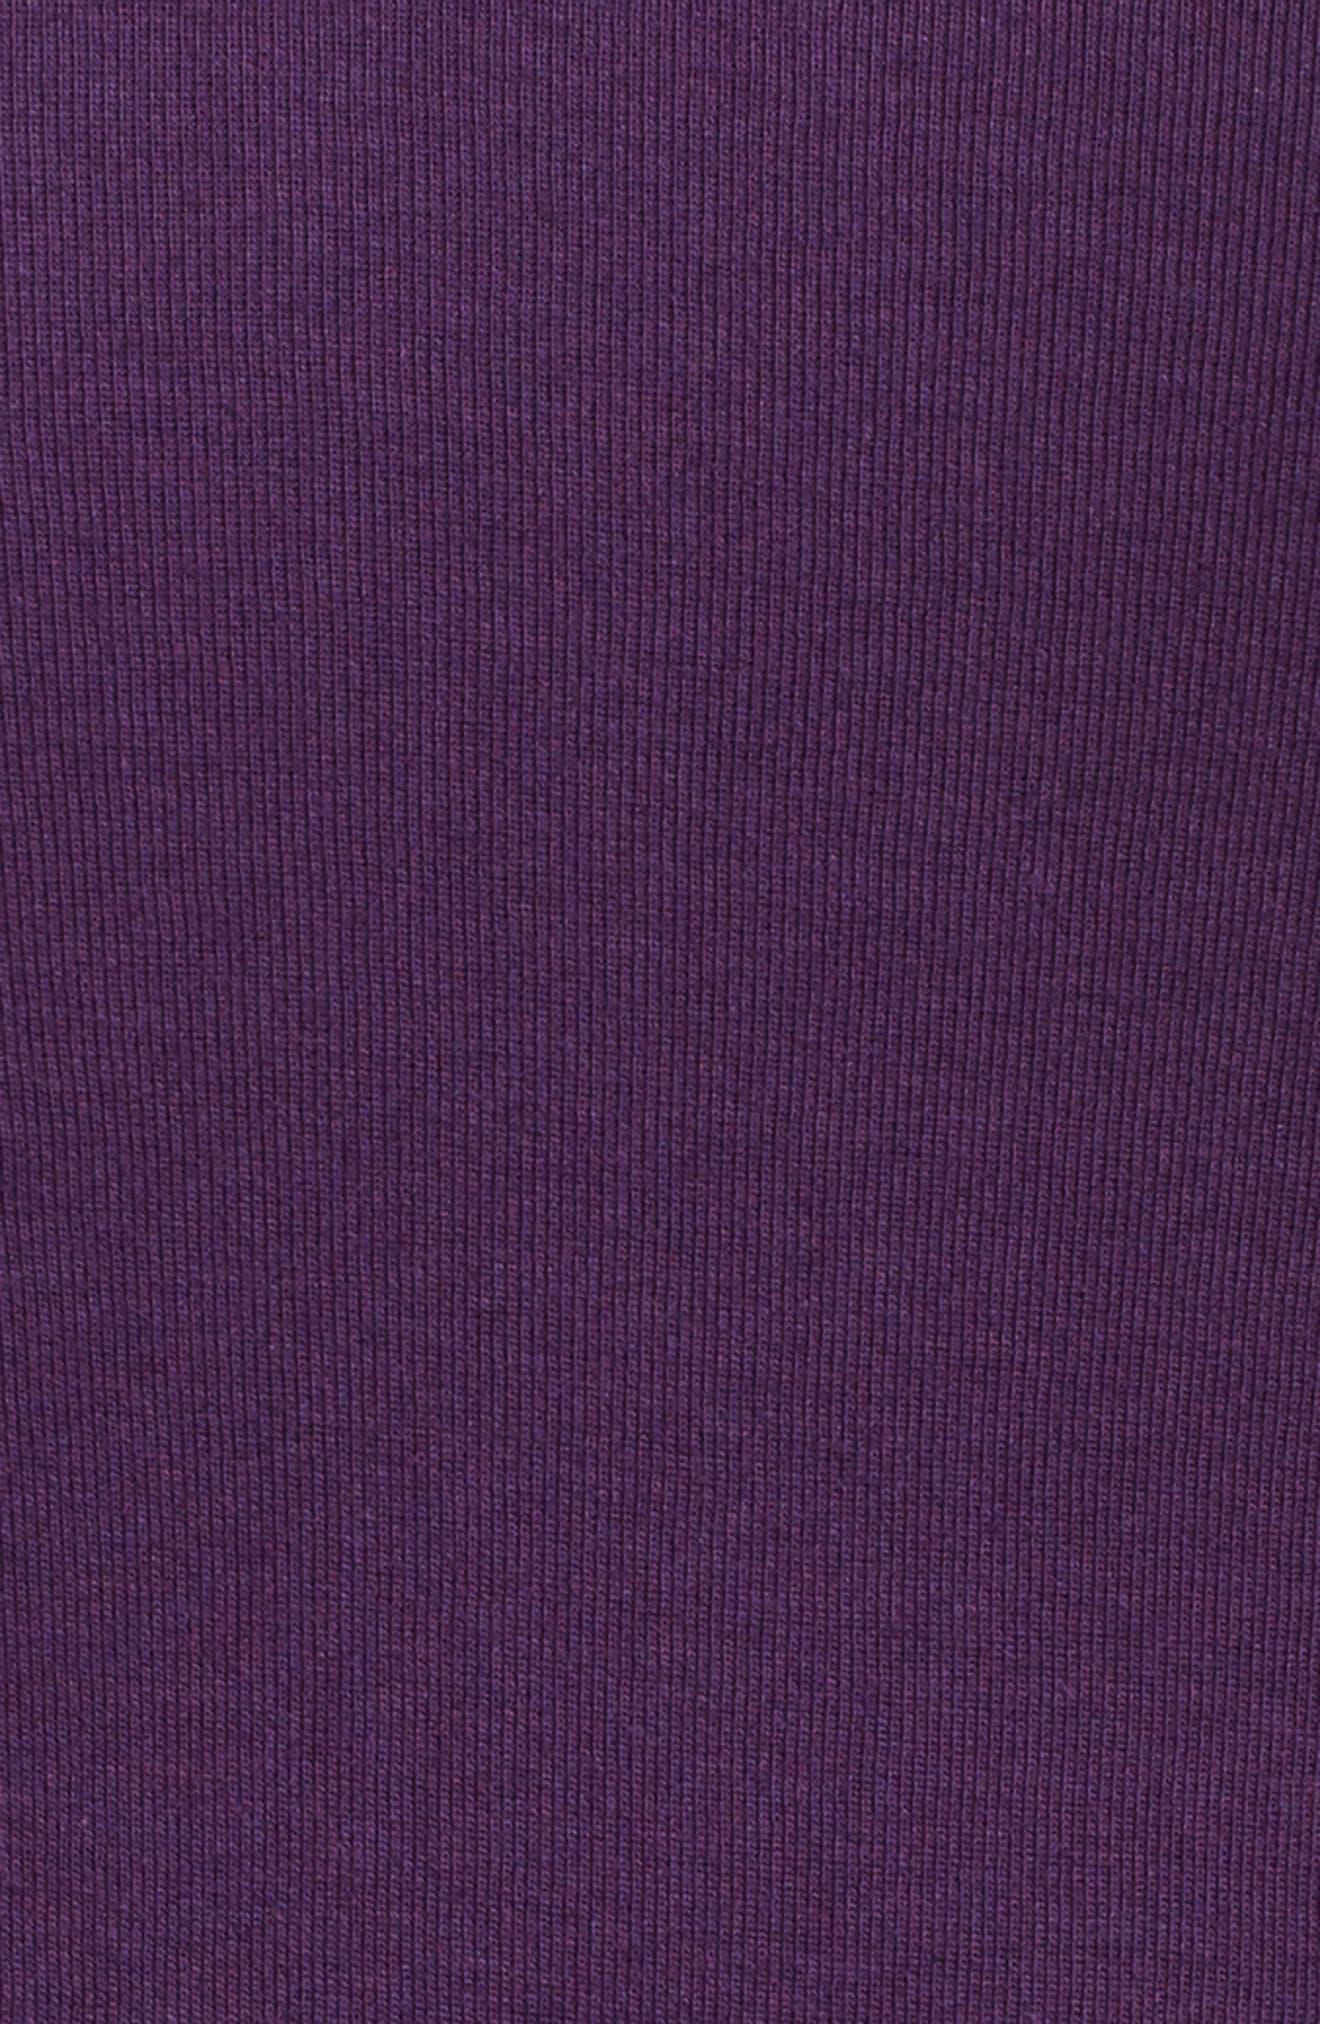 Short Sleeve V-Neck Tee,                             Alternate thumbnail 157, color,